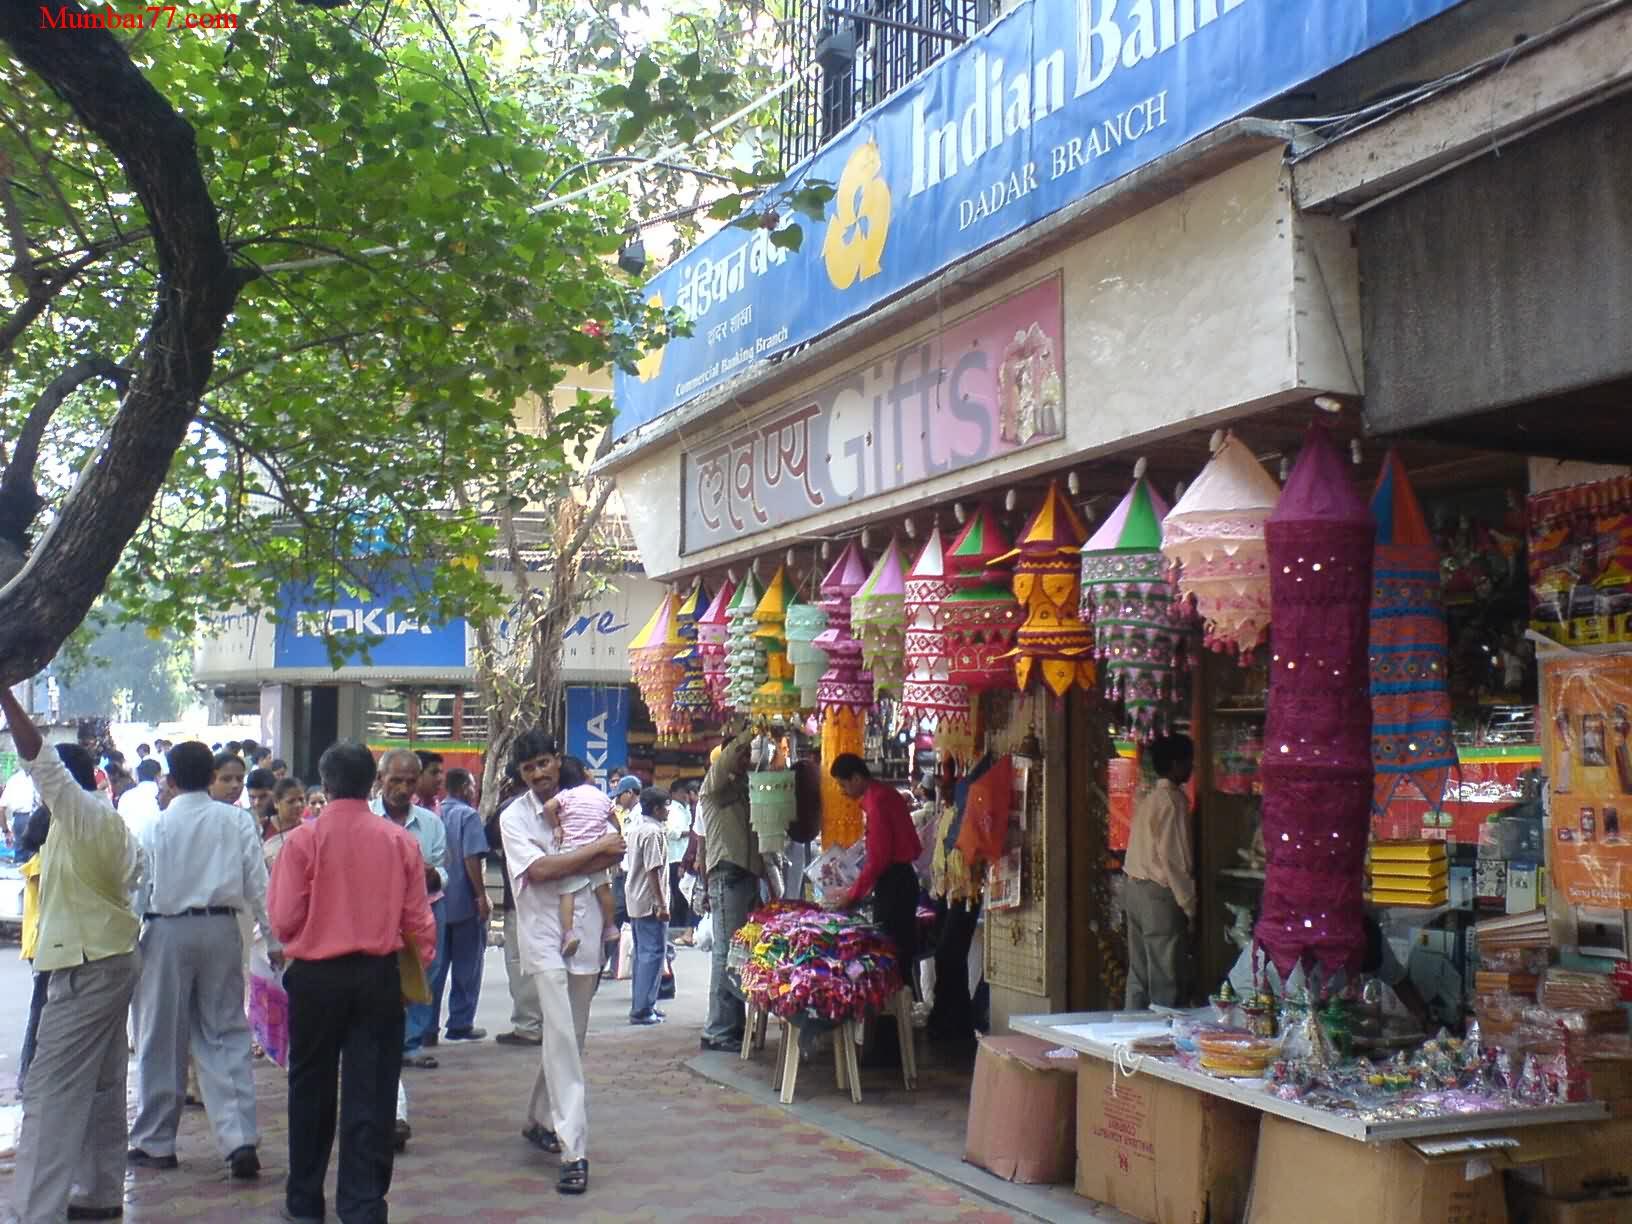 A Shop with Diwali Kandil's (Lanterns).